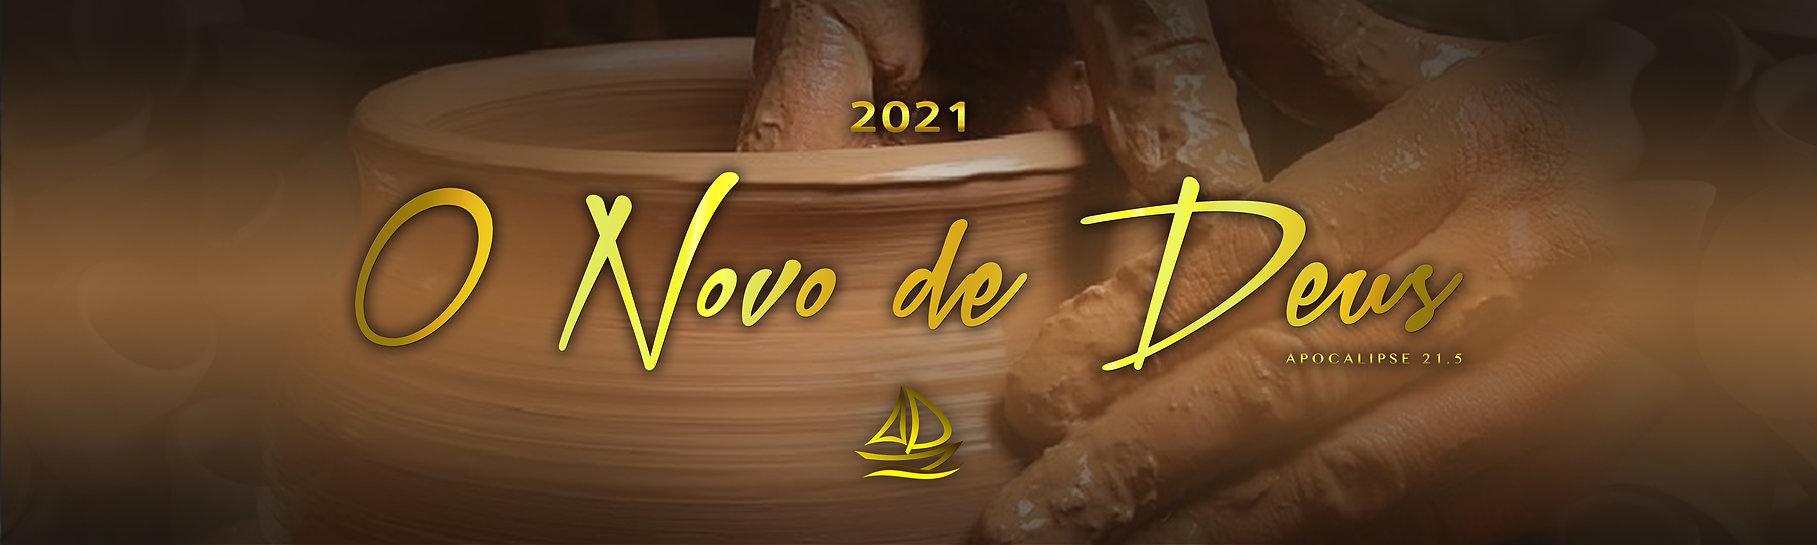 Tema 2021 O Novo de Deus.jpg